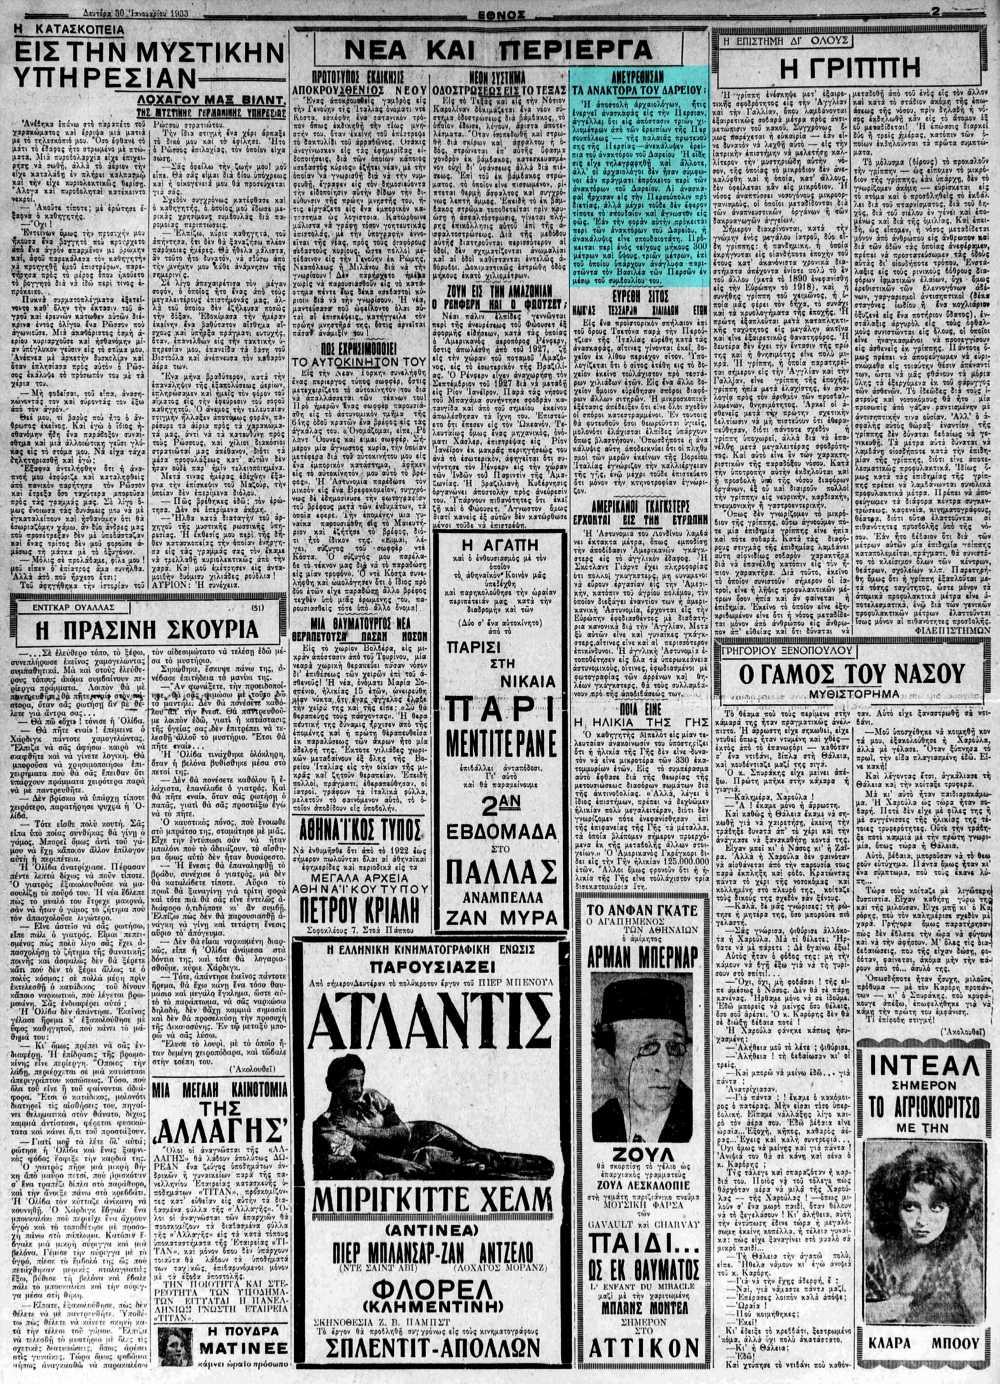 """Το άρθρο, όπως δημοσιεύθηκε στην εφημερίδα """"ΕΘΝΟΣ"""", στις 30/01/1933"""